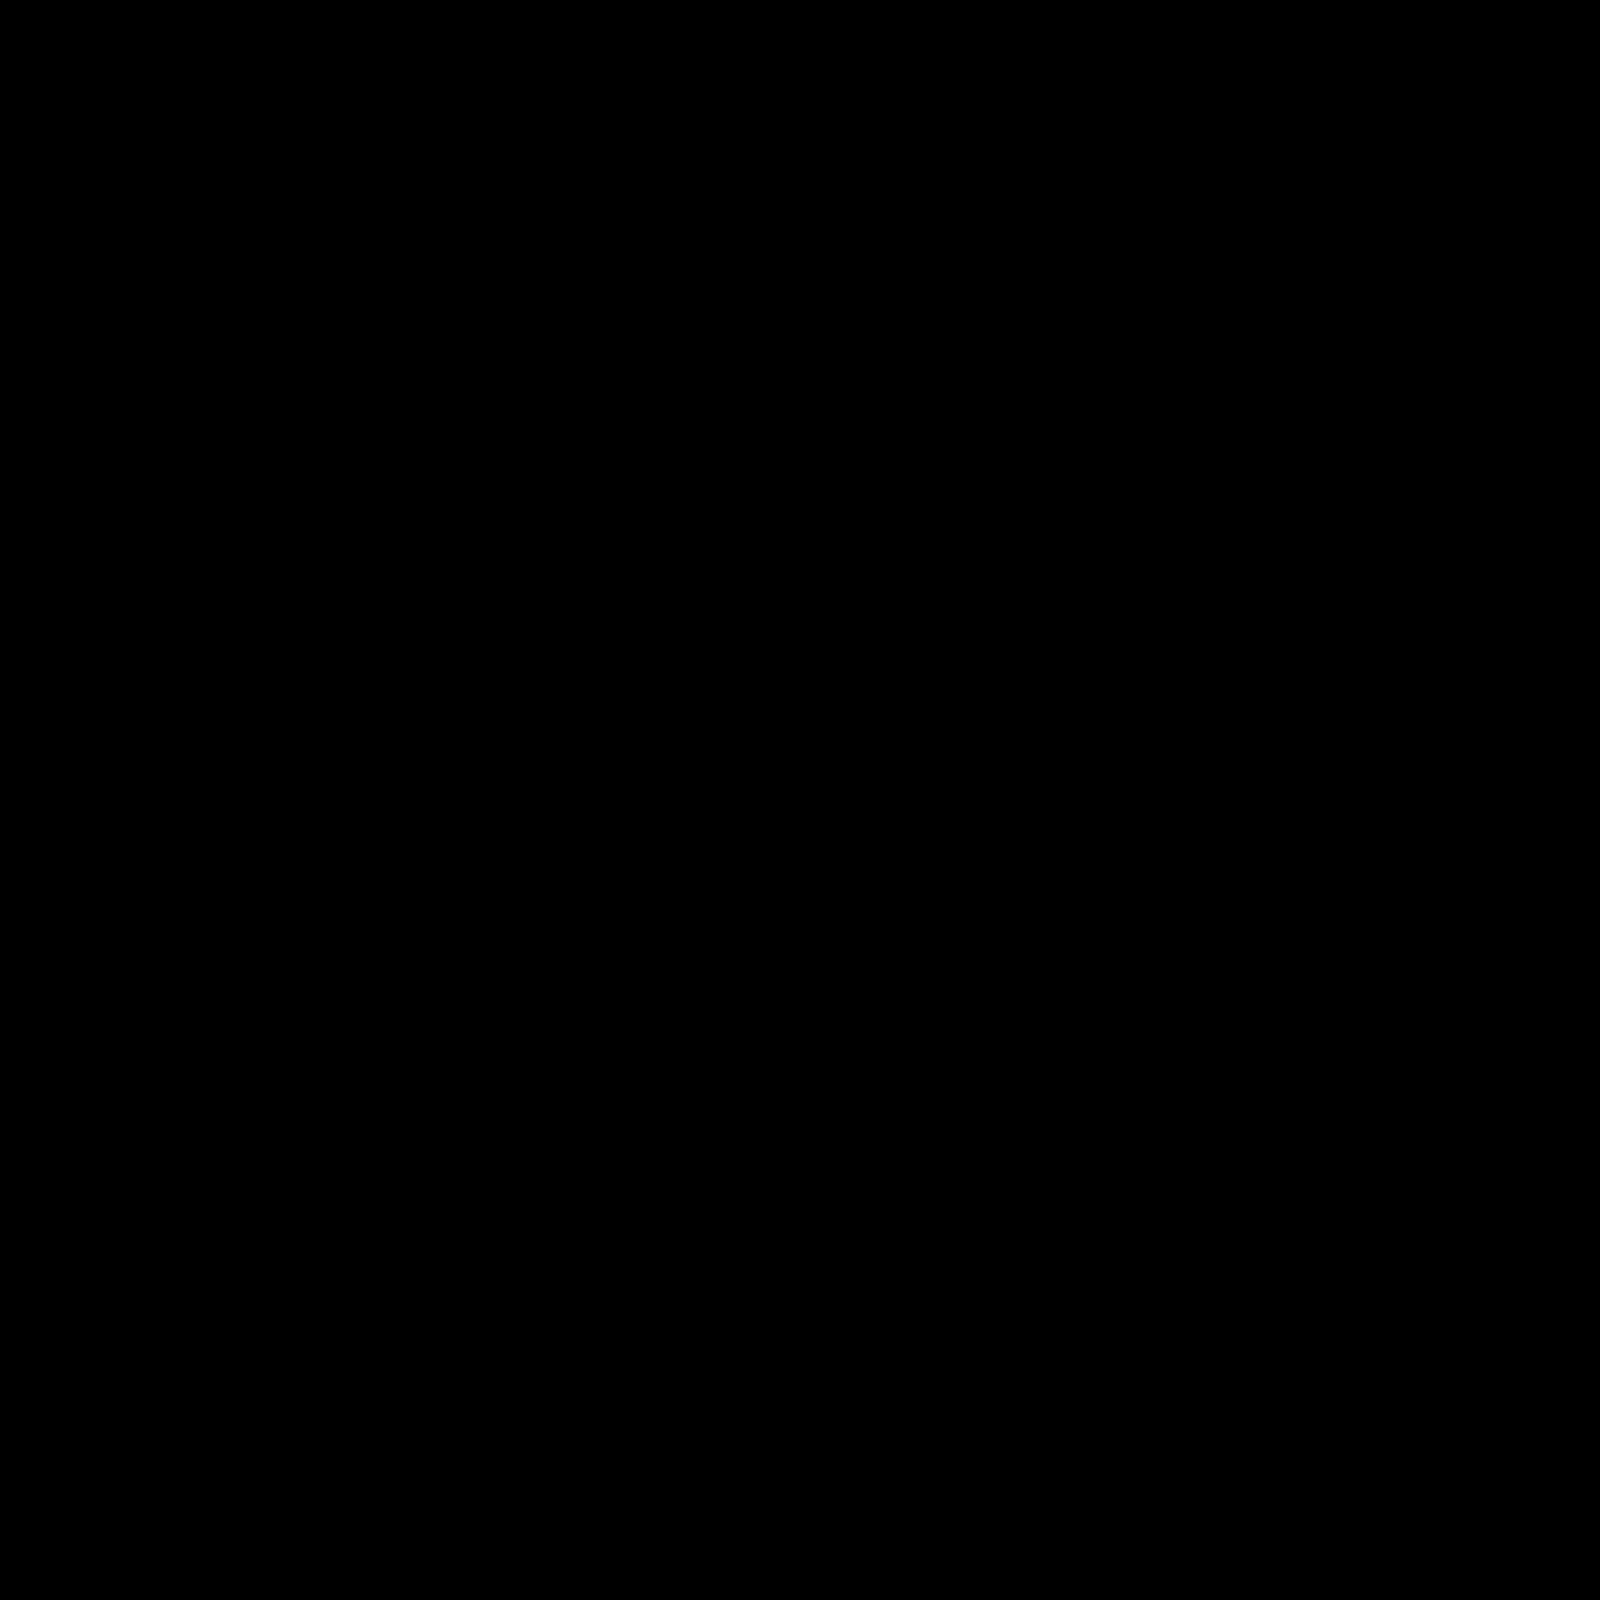 三张床 icon. This is a symbol of a bed. There is a three above the bed. This means that there are three beds in total.